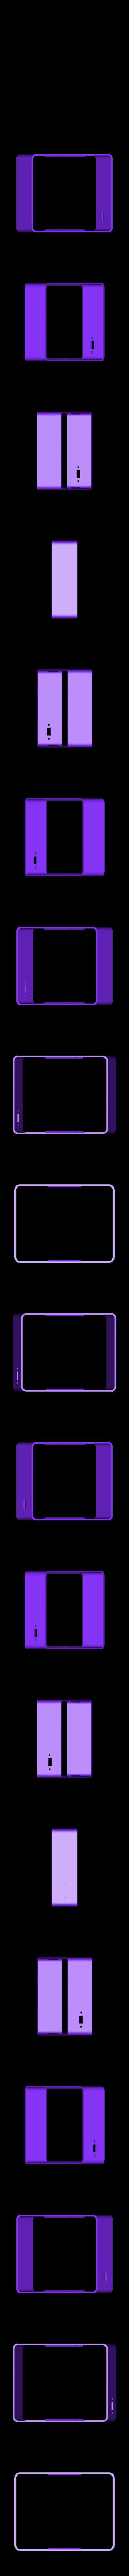 shaker-box.stl Download free STL file Crickit Lab Shaker • Template to 3D print, Adafruit